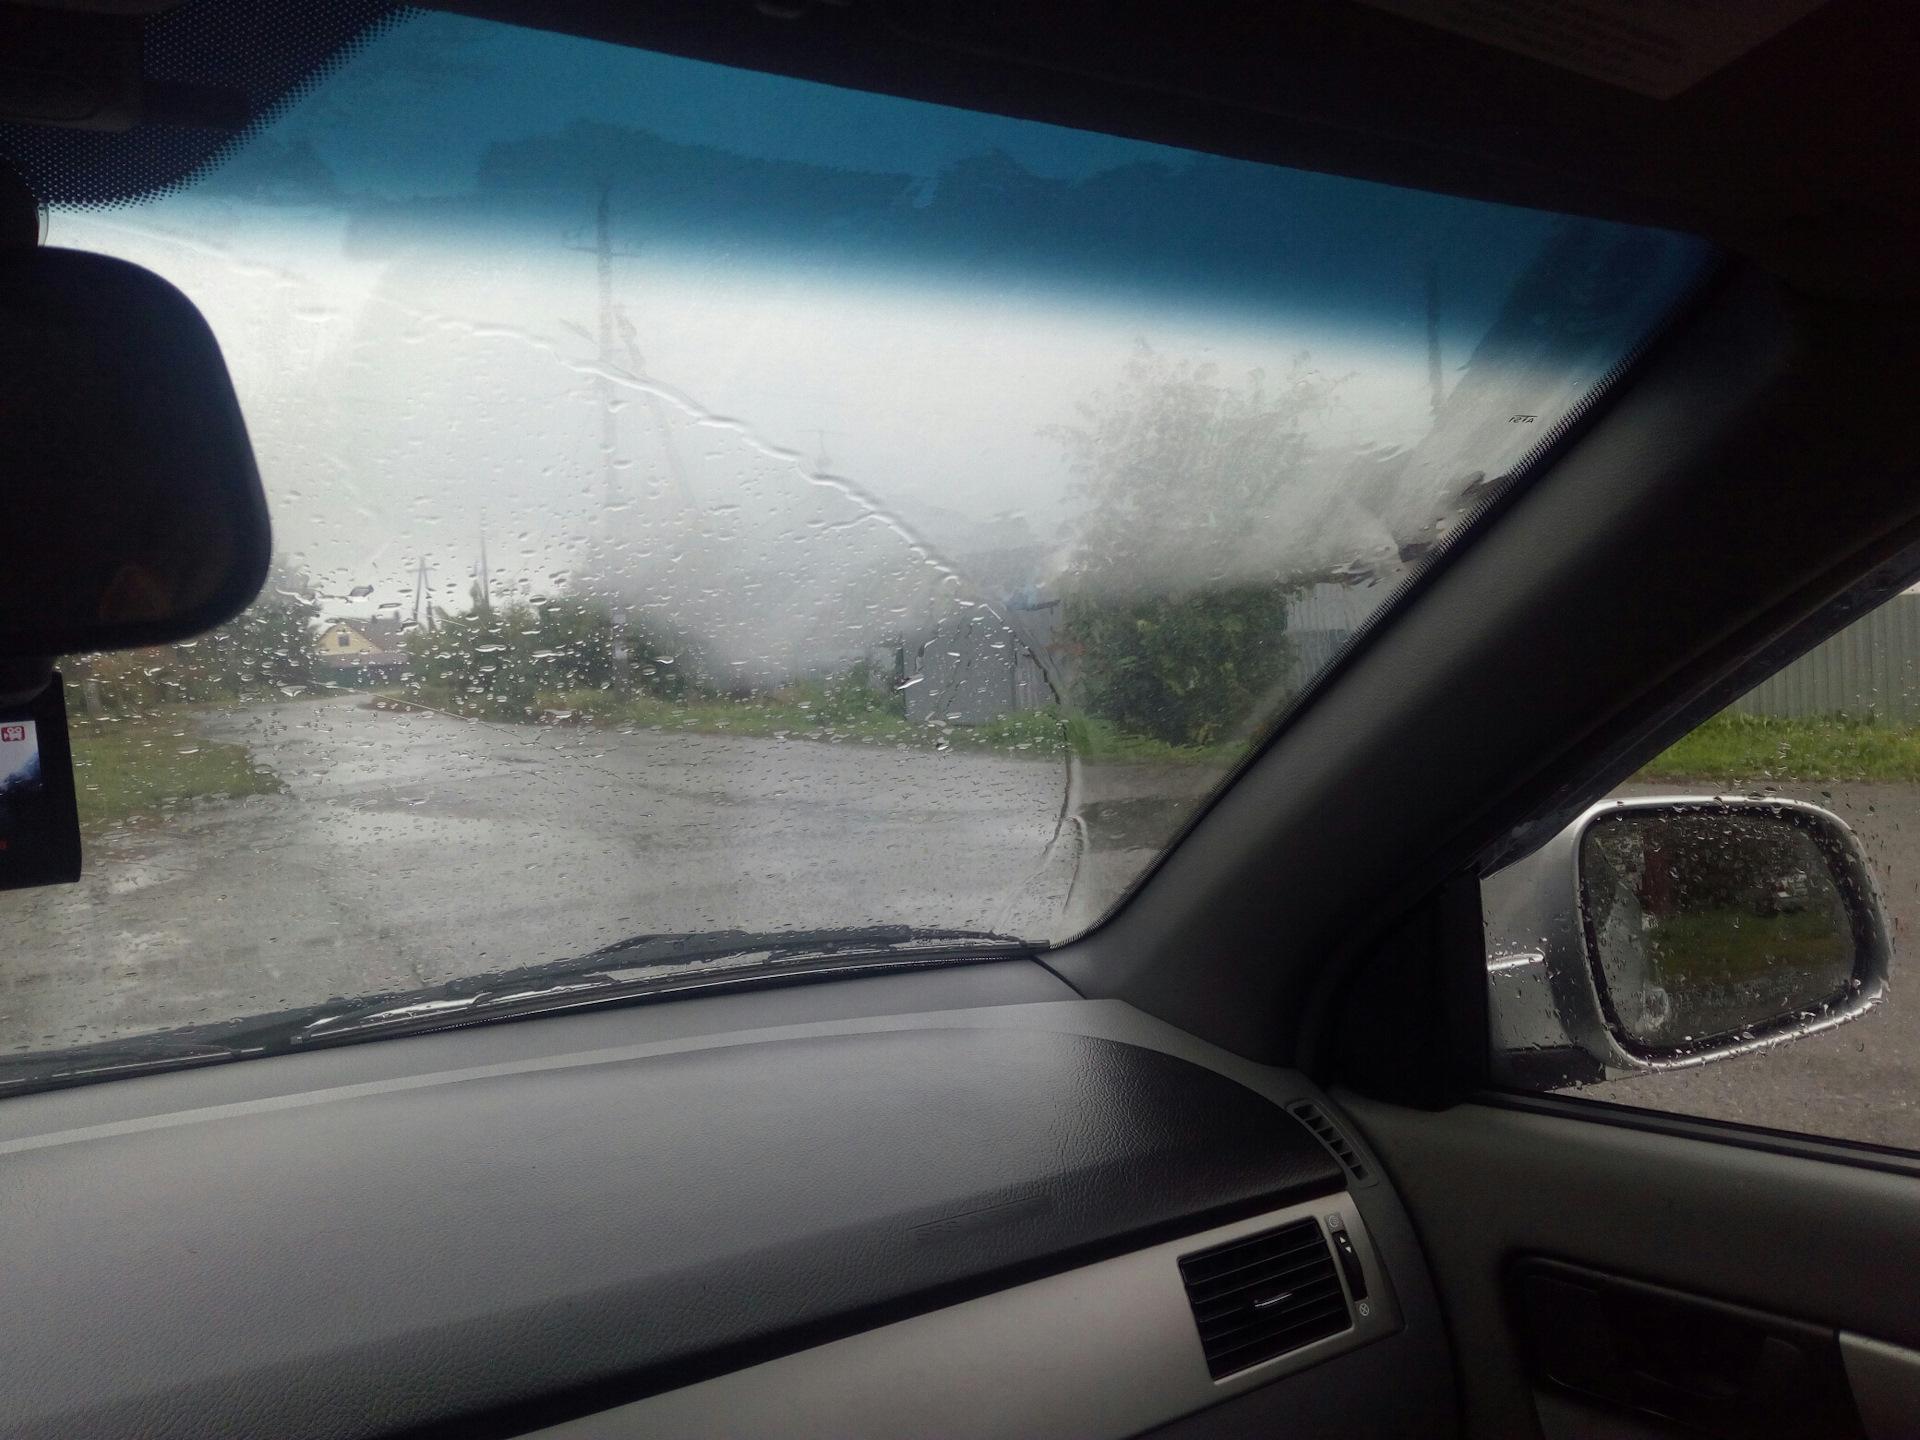 одной потеют стекла внутри машины что делать даже назову